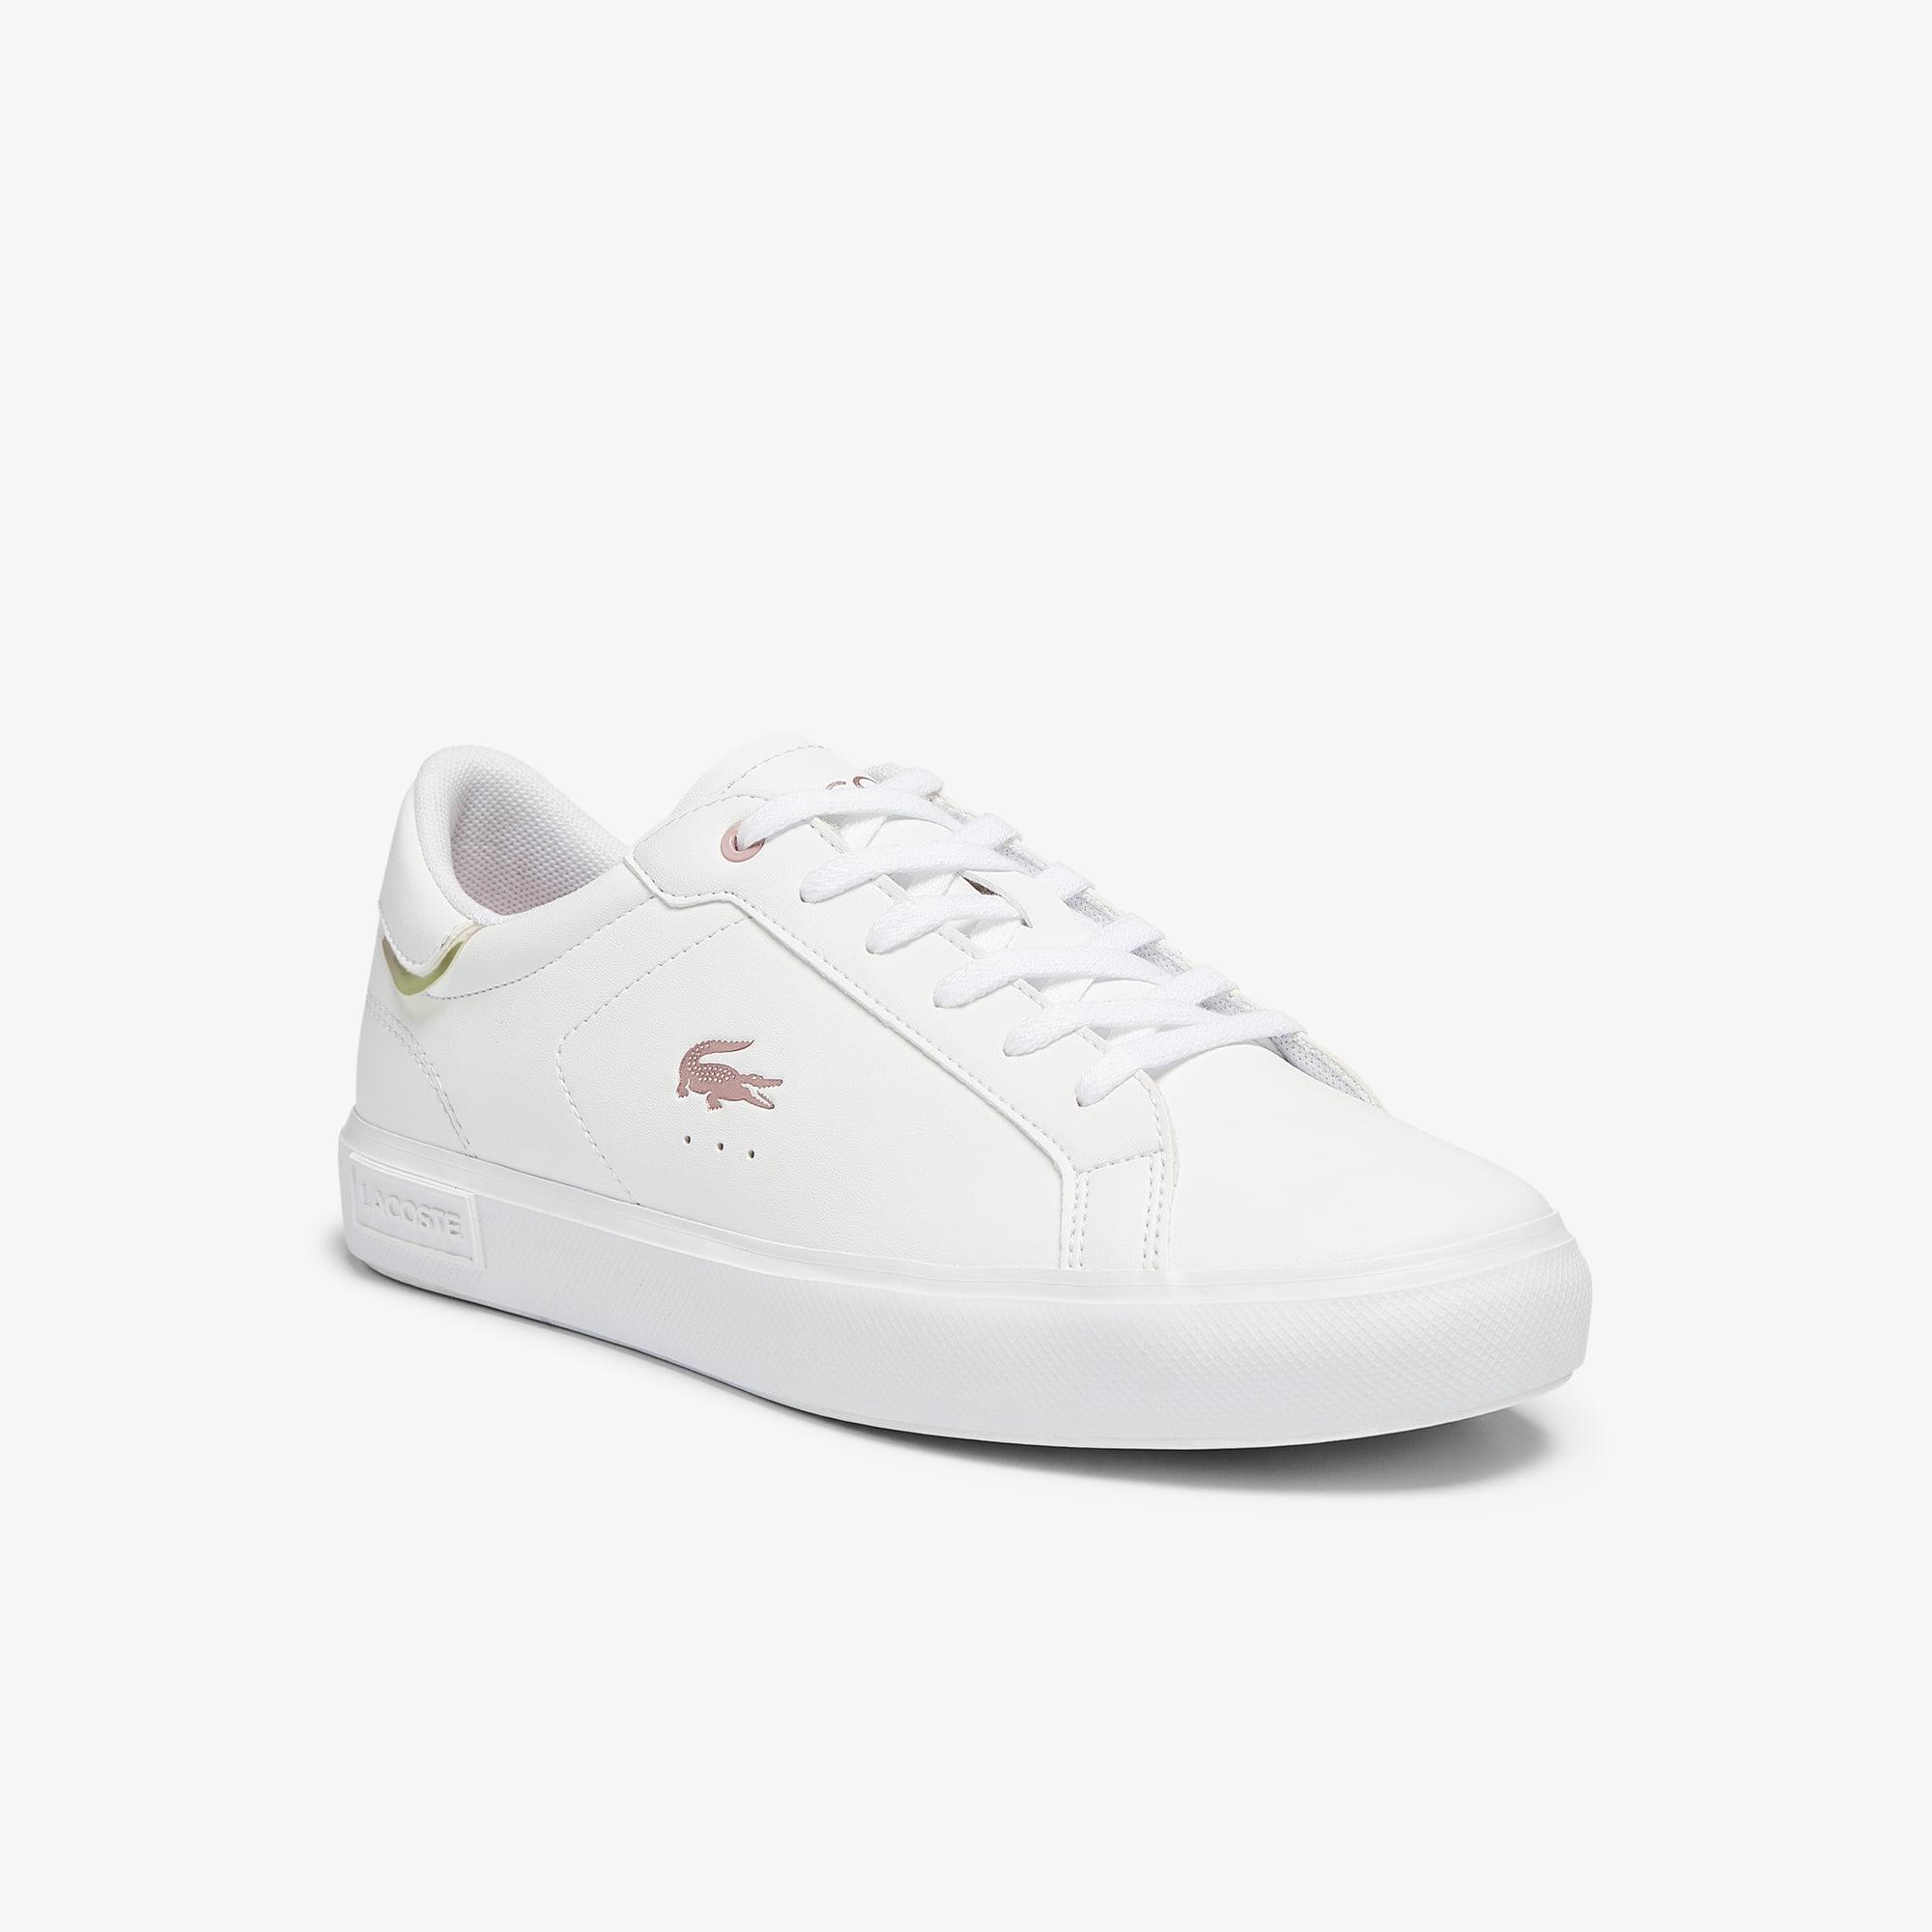 Lacoste Sneakers Powercourt ado en tissu avec détails métallisés Taille 36 Blanc/rose